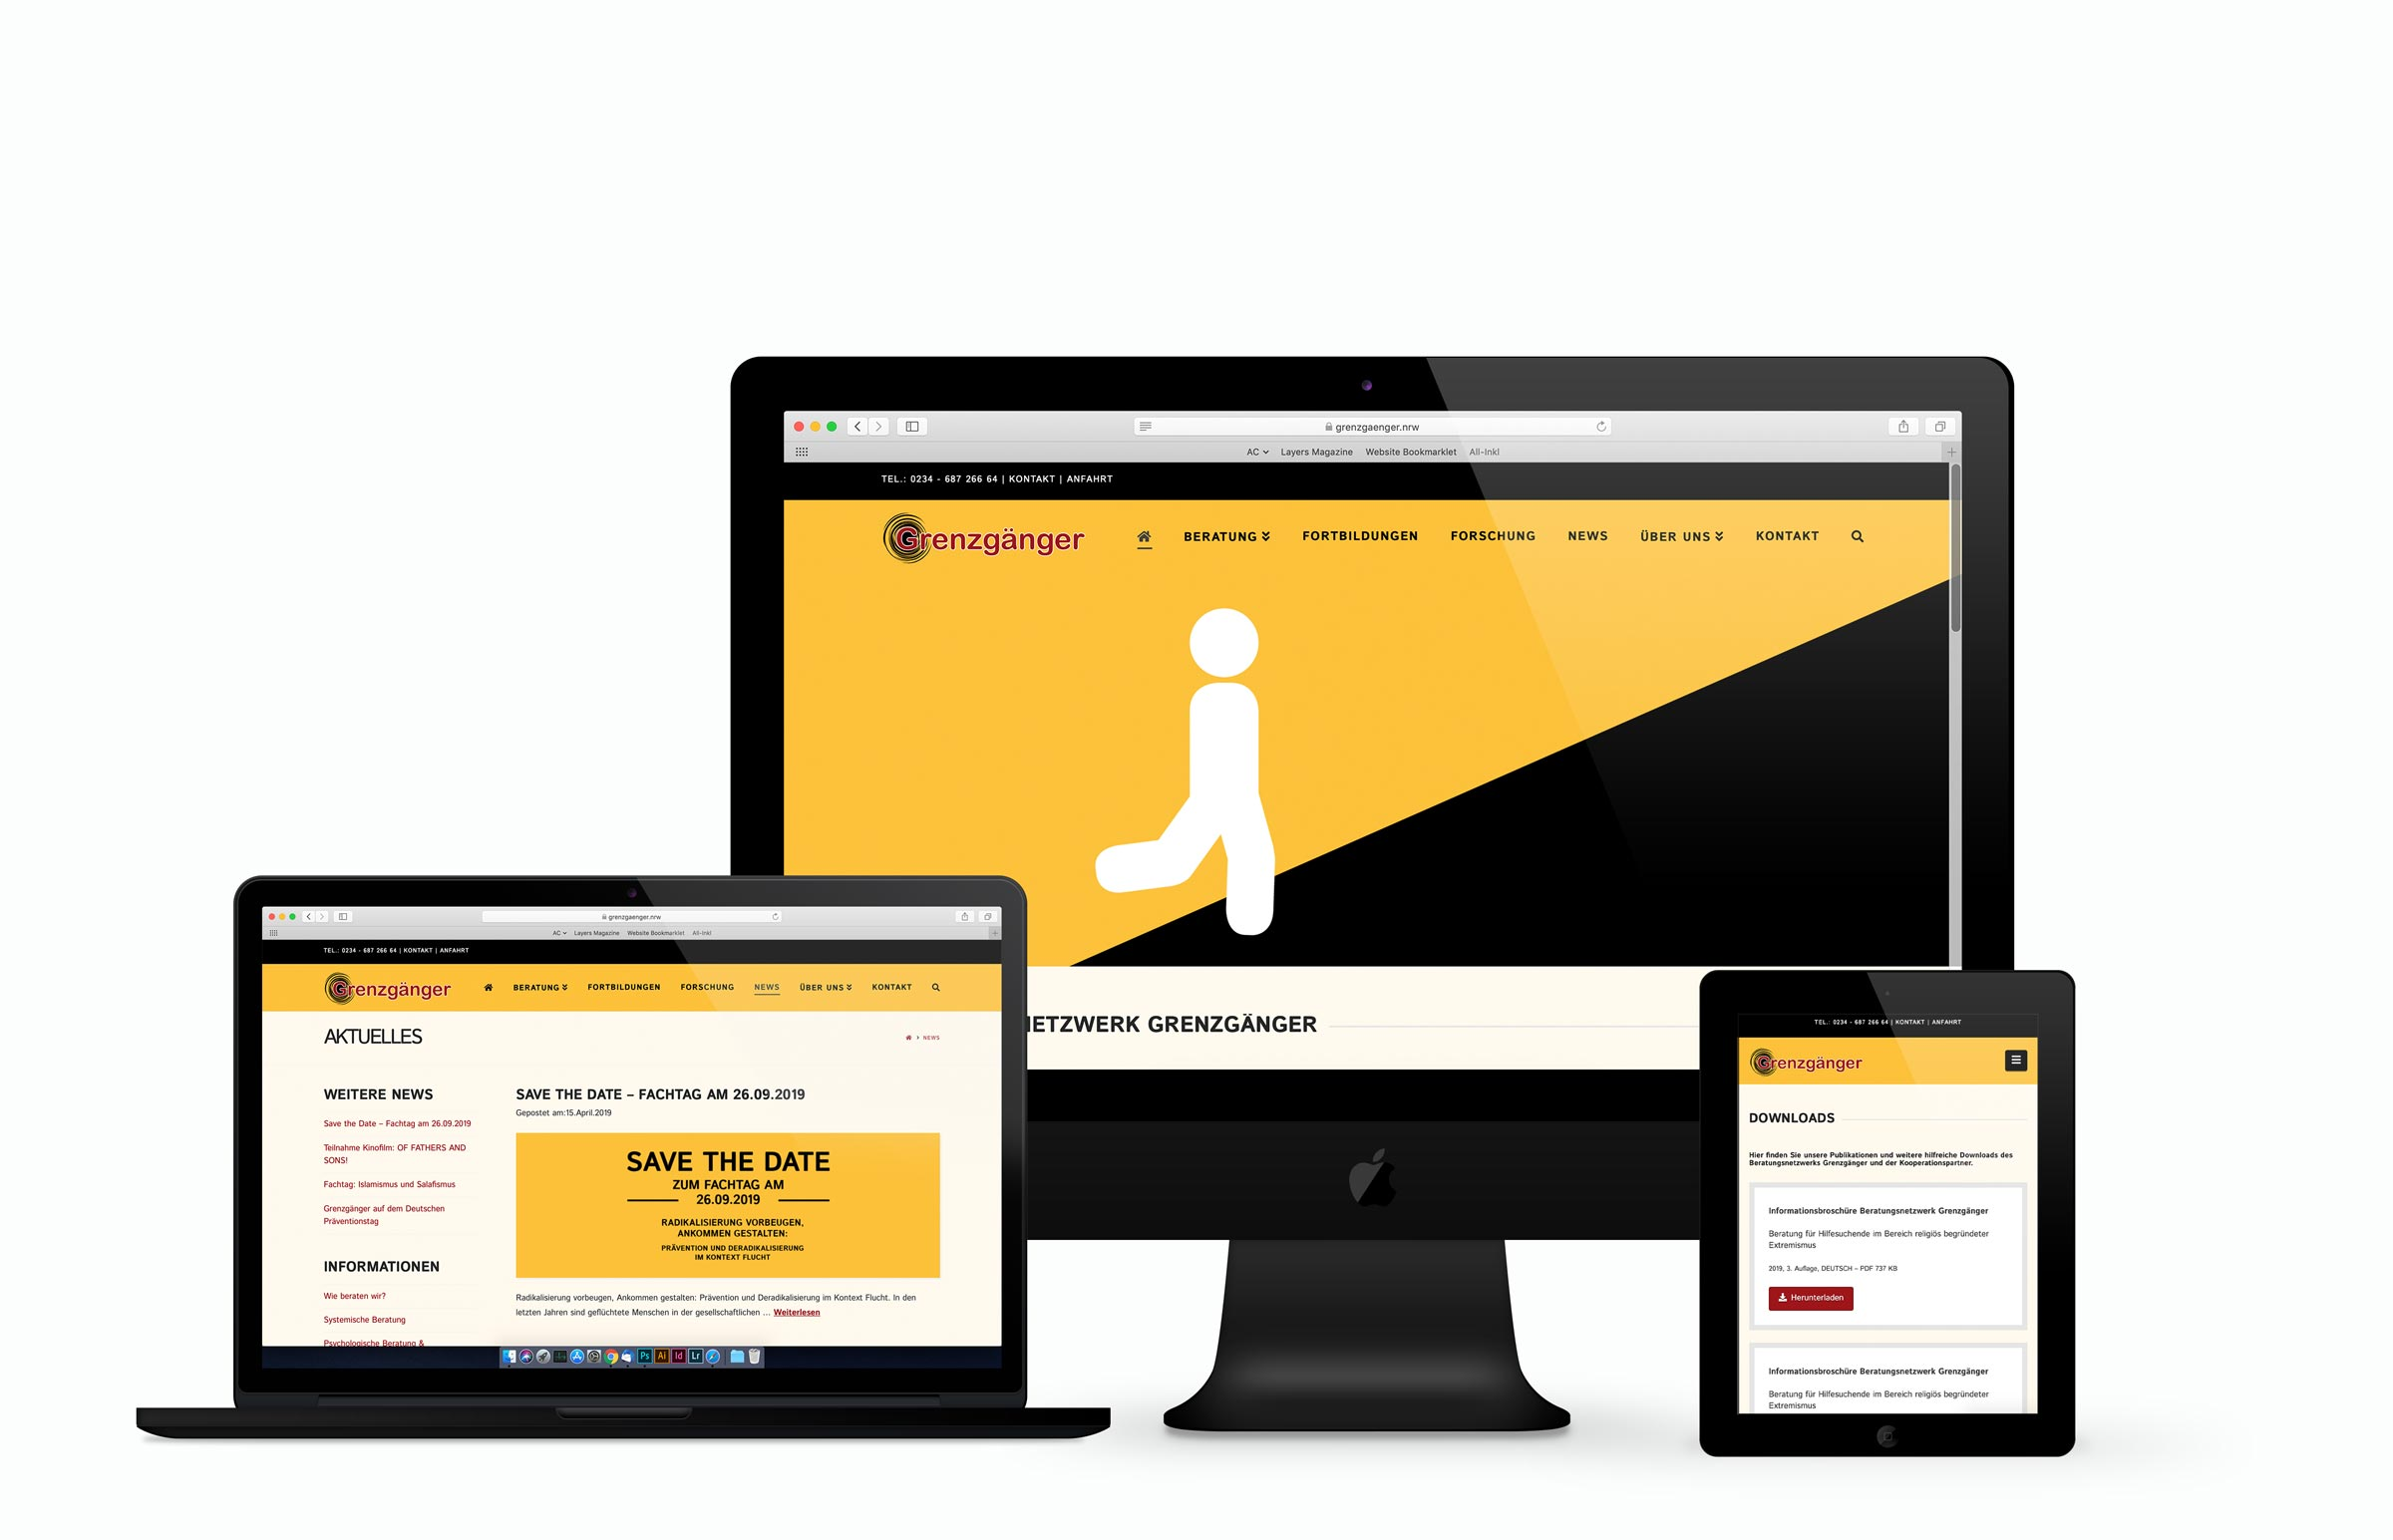 Beratungsnetzwerk Grenzgänger Webdesign Vorschau